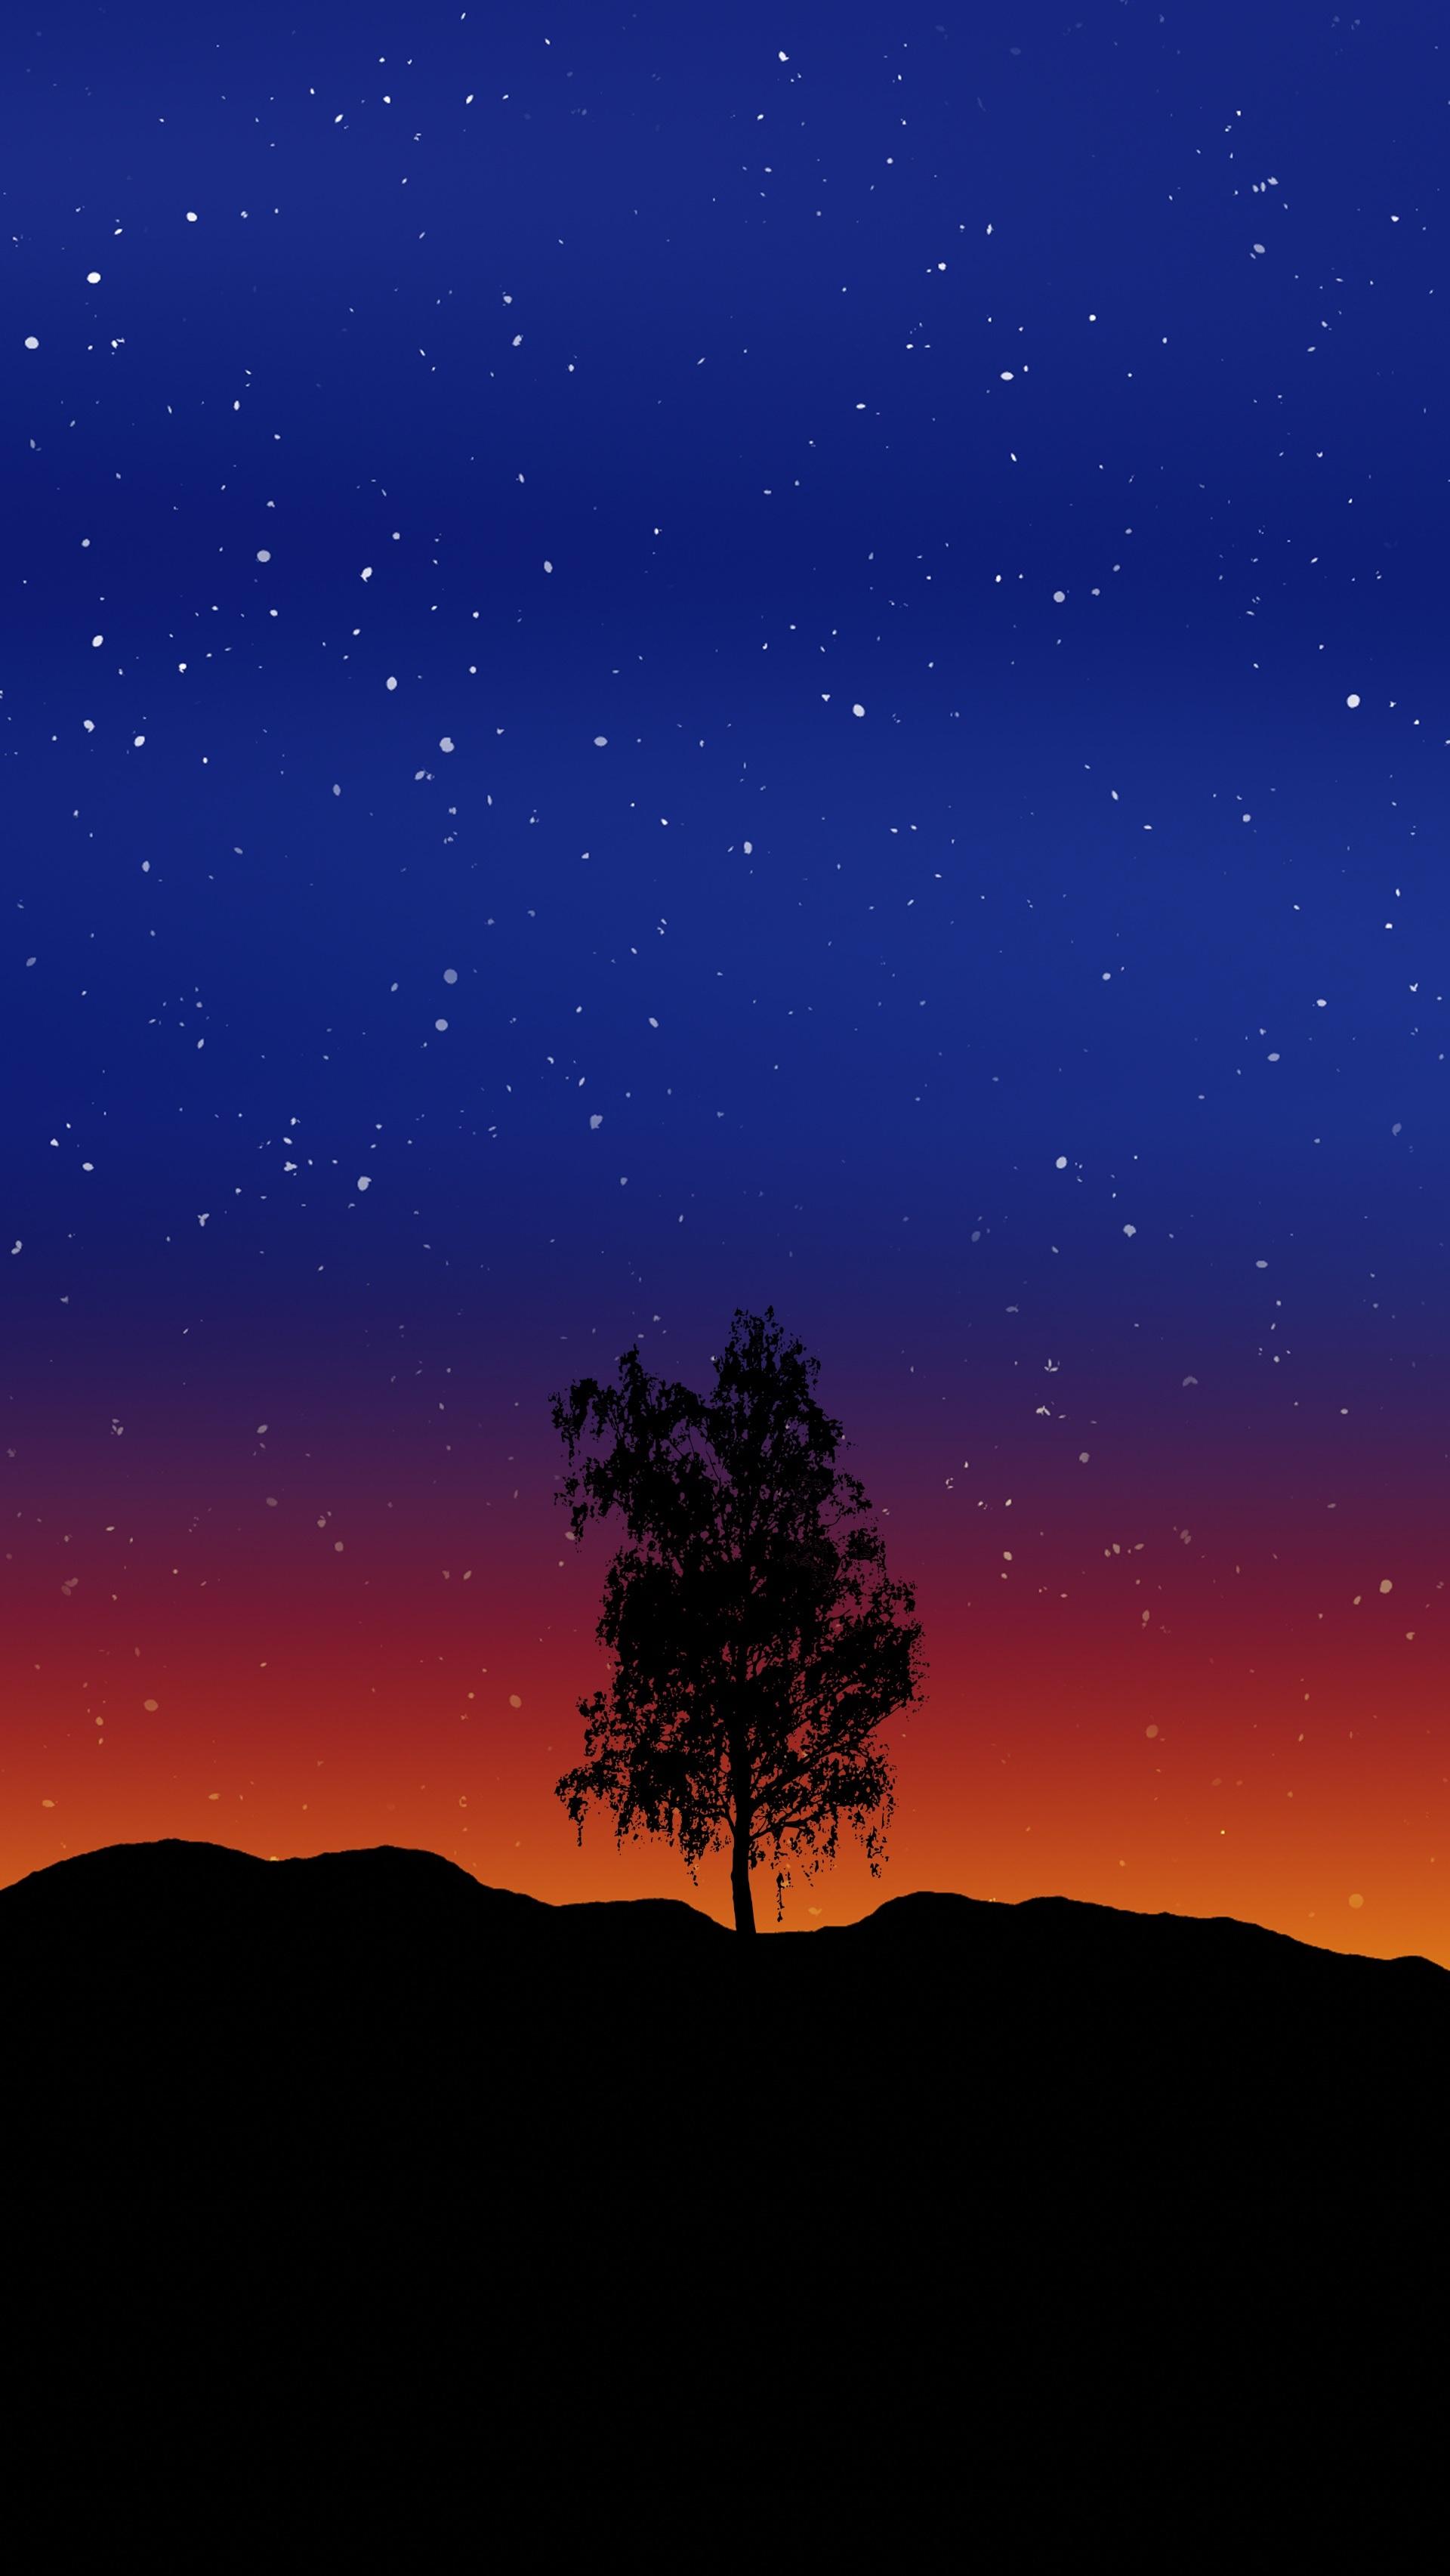 75354 Заставки и Обои Вектор на телефон. Скачать Вектор, Арт, Дерево, Звездное Небо, Одинокий картинки бесплатно